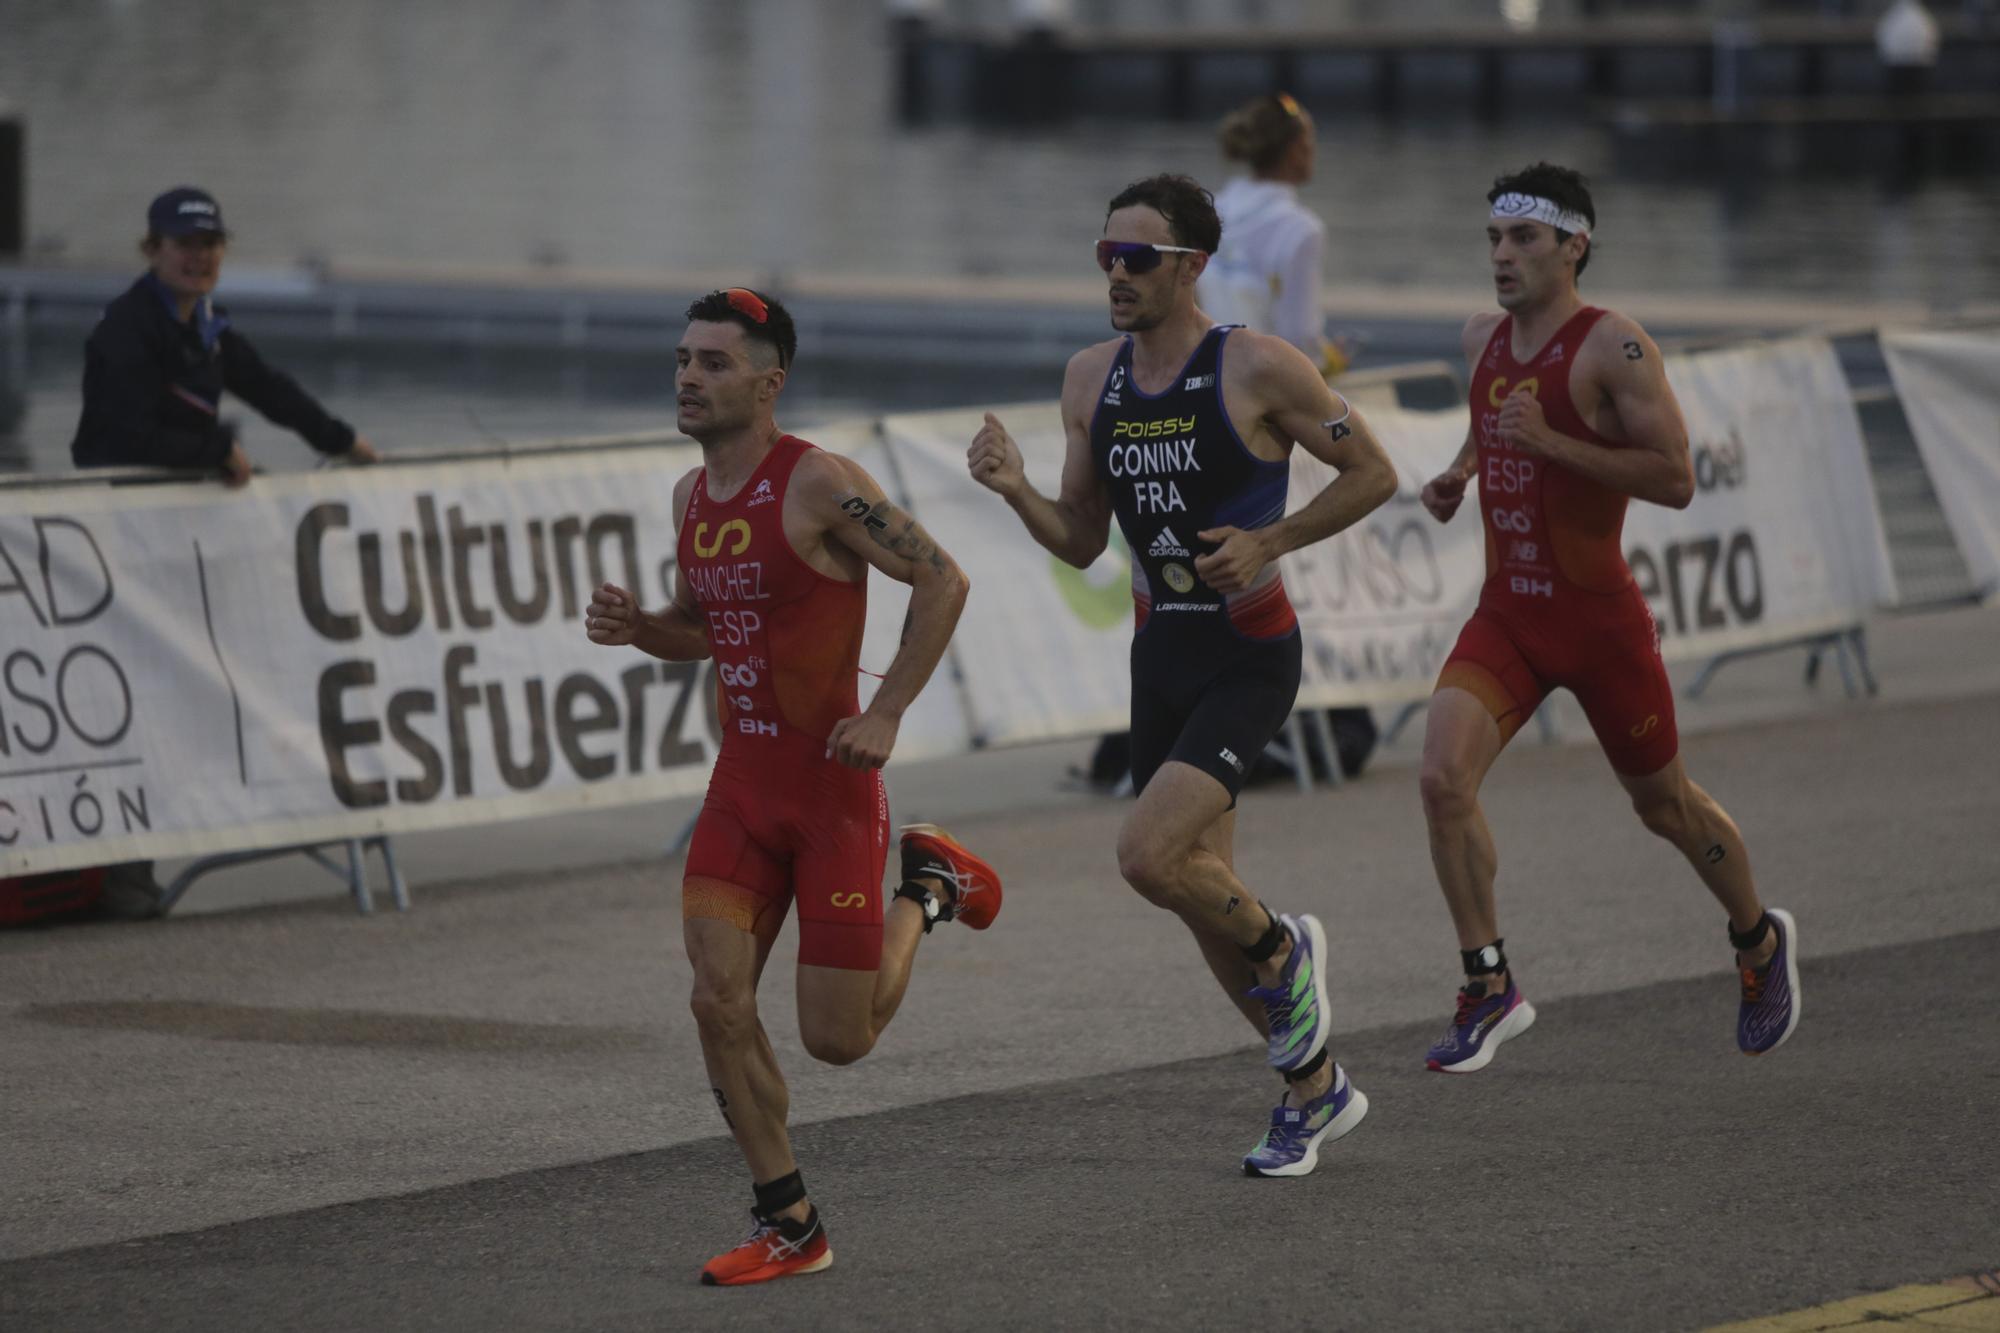 Campeonato de Europa de Triatlón élite masculino de Valencia